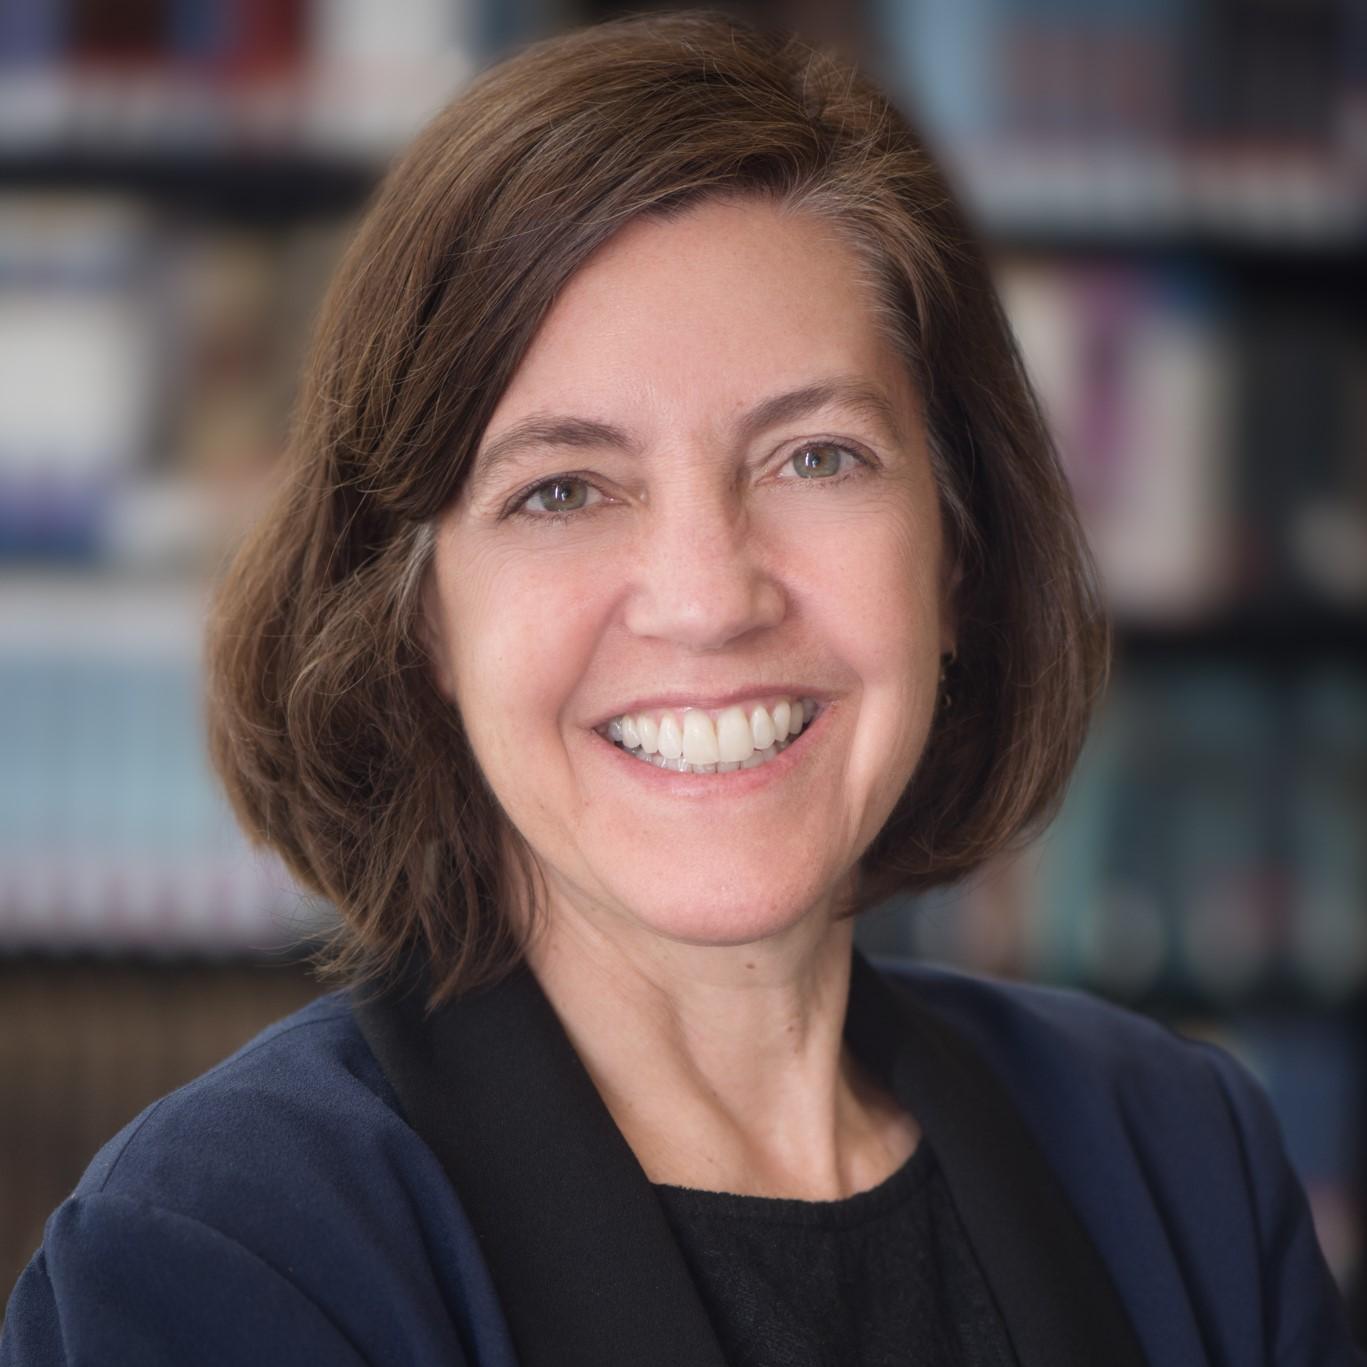 Colleen Grogan, PhD